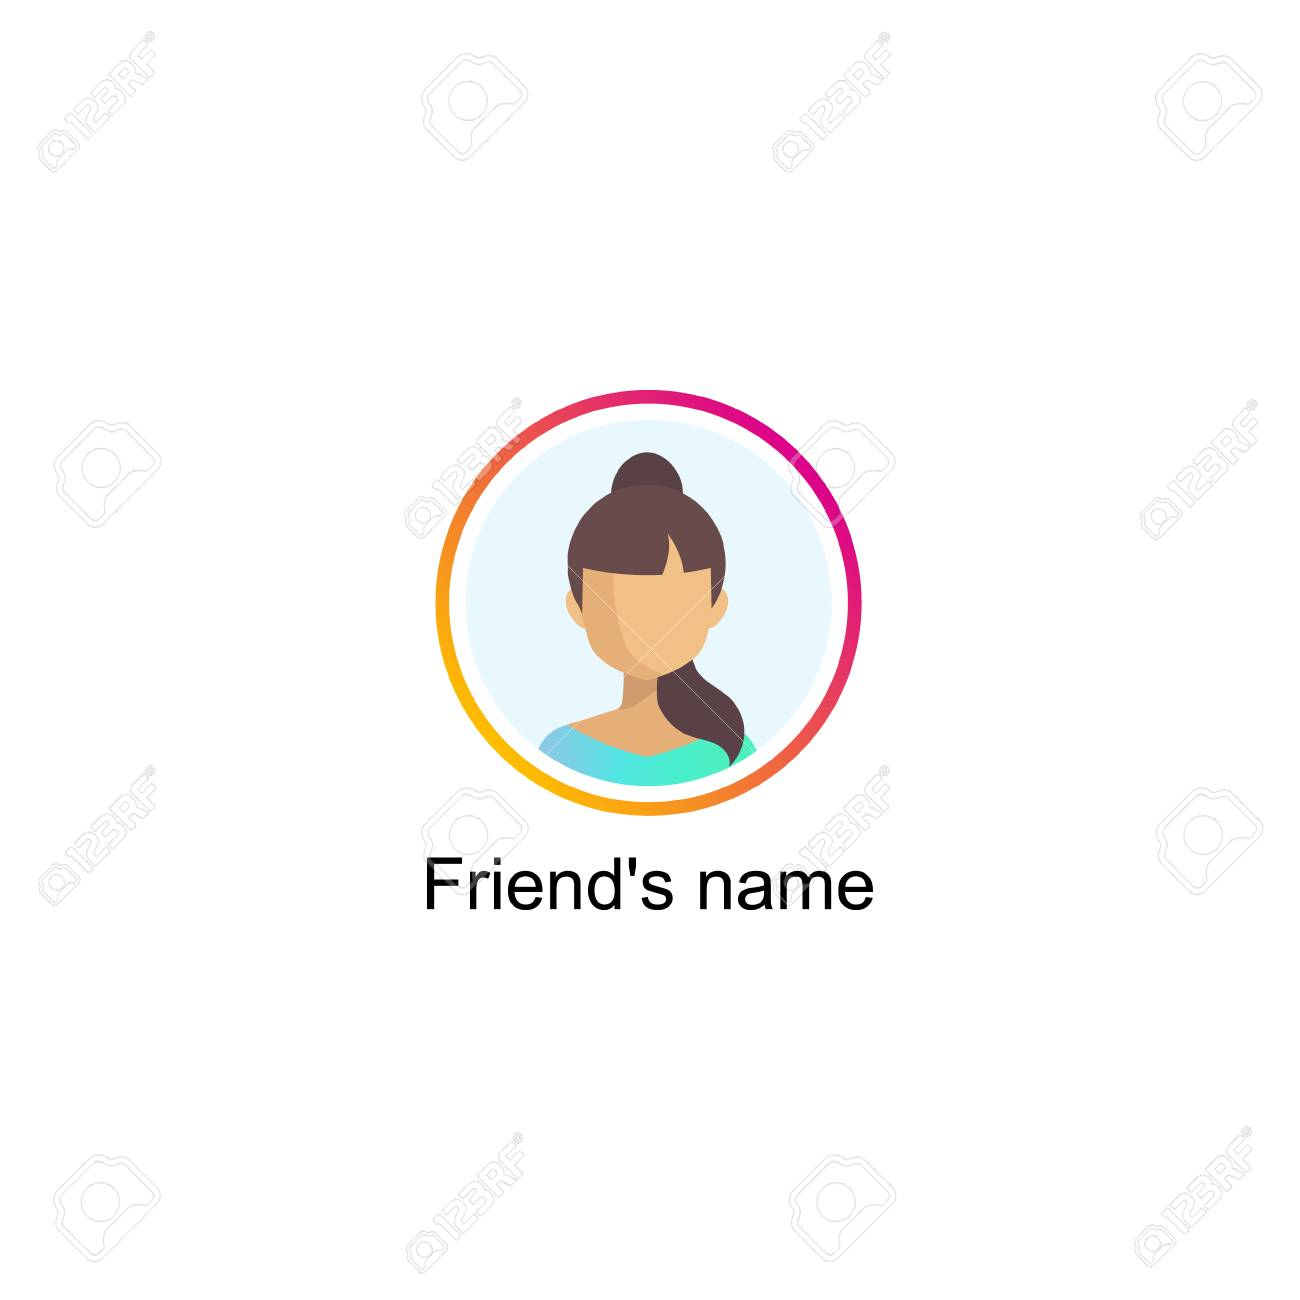 Follower notification on Social media icon user. - 96571435